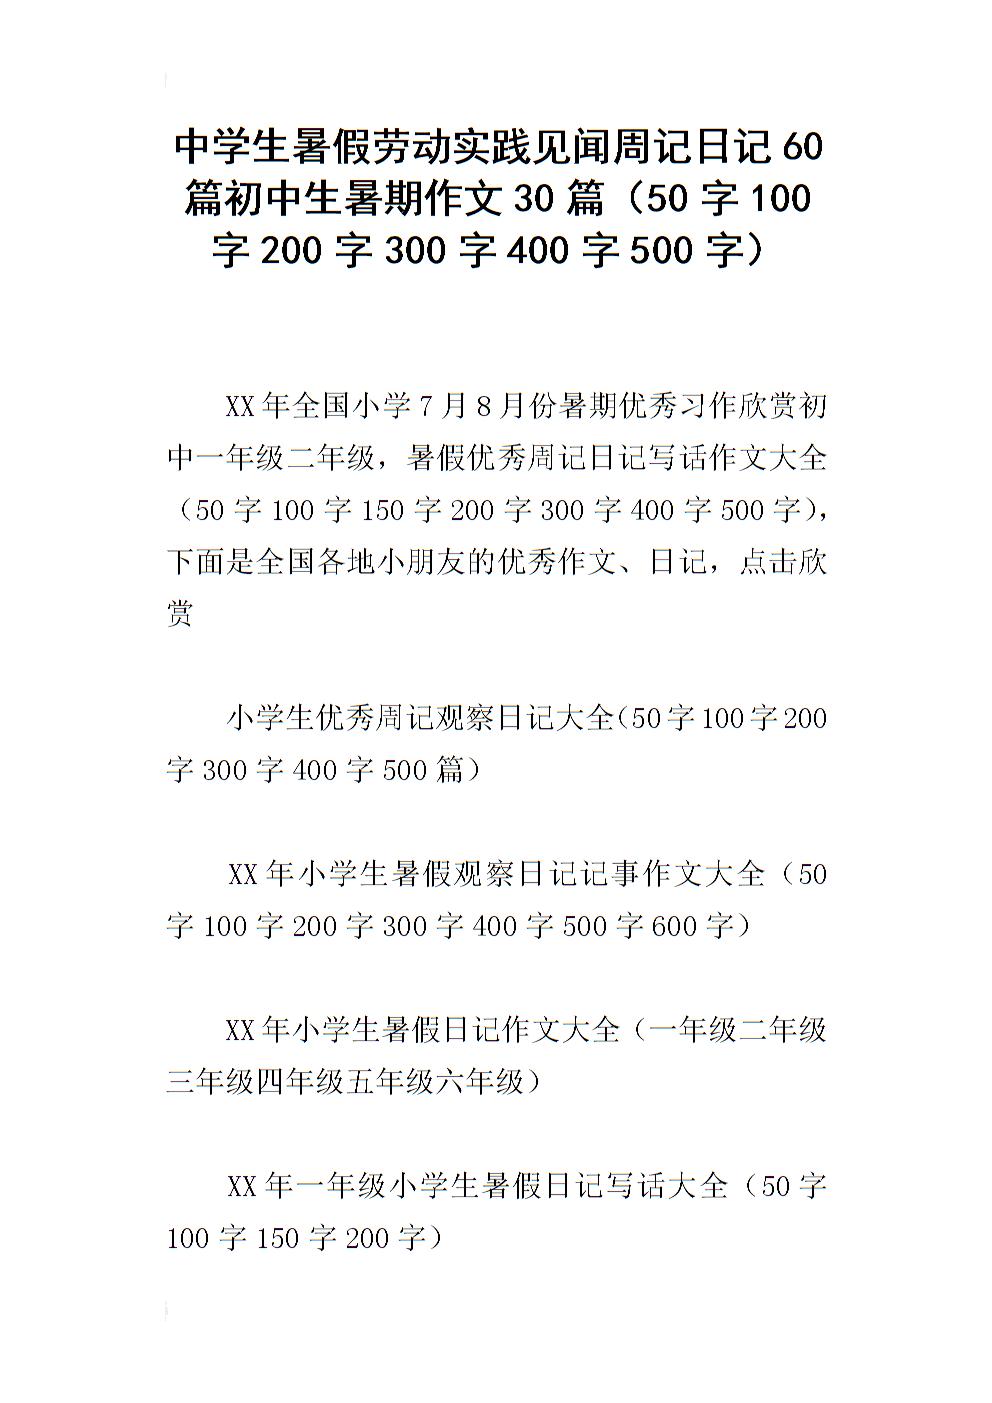 周記作文60篇初中生暑期日記30篇(50字100字200字300字400字500字).2013風采英語之星希望初中組v周圖片